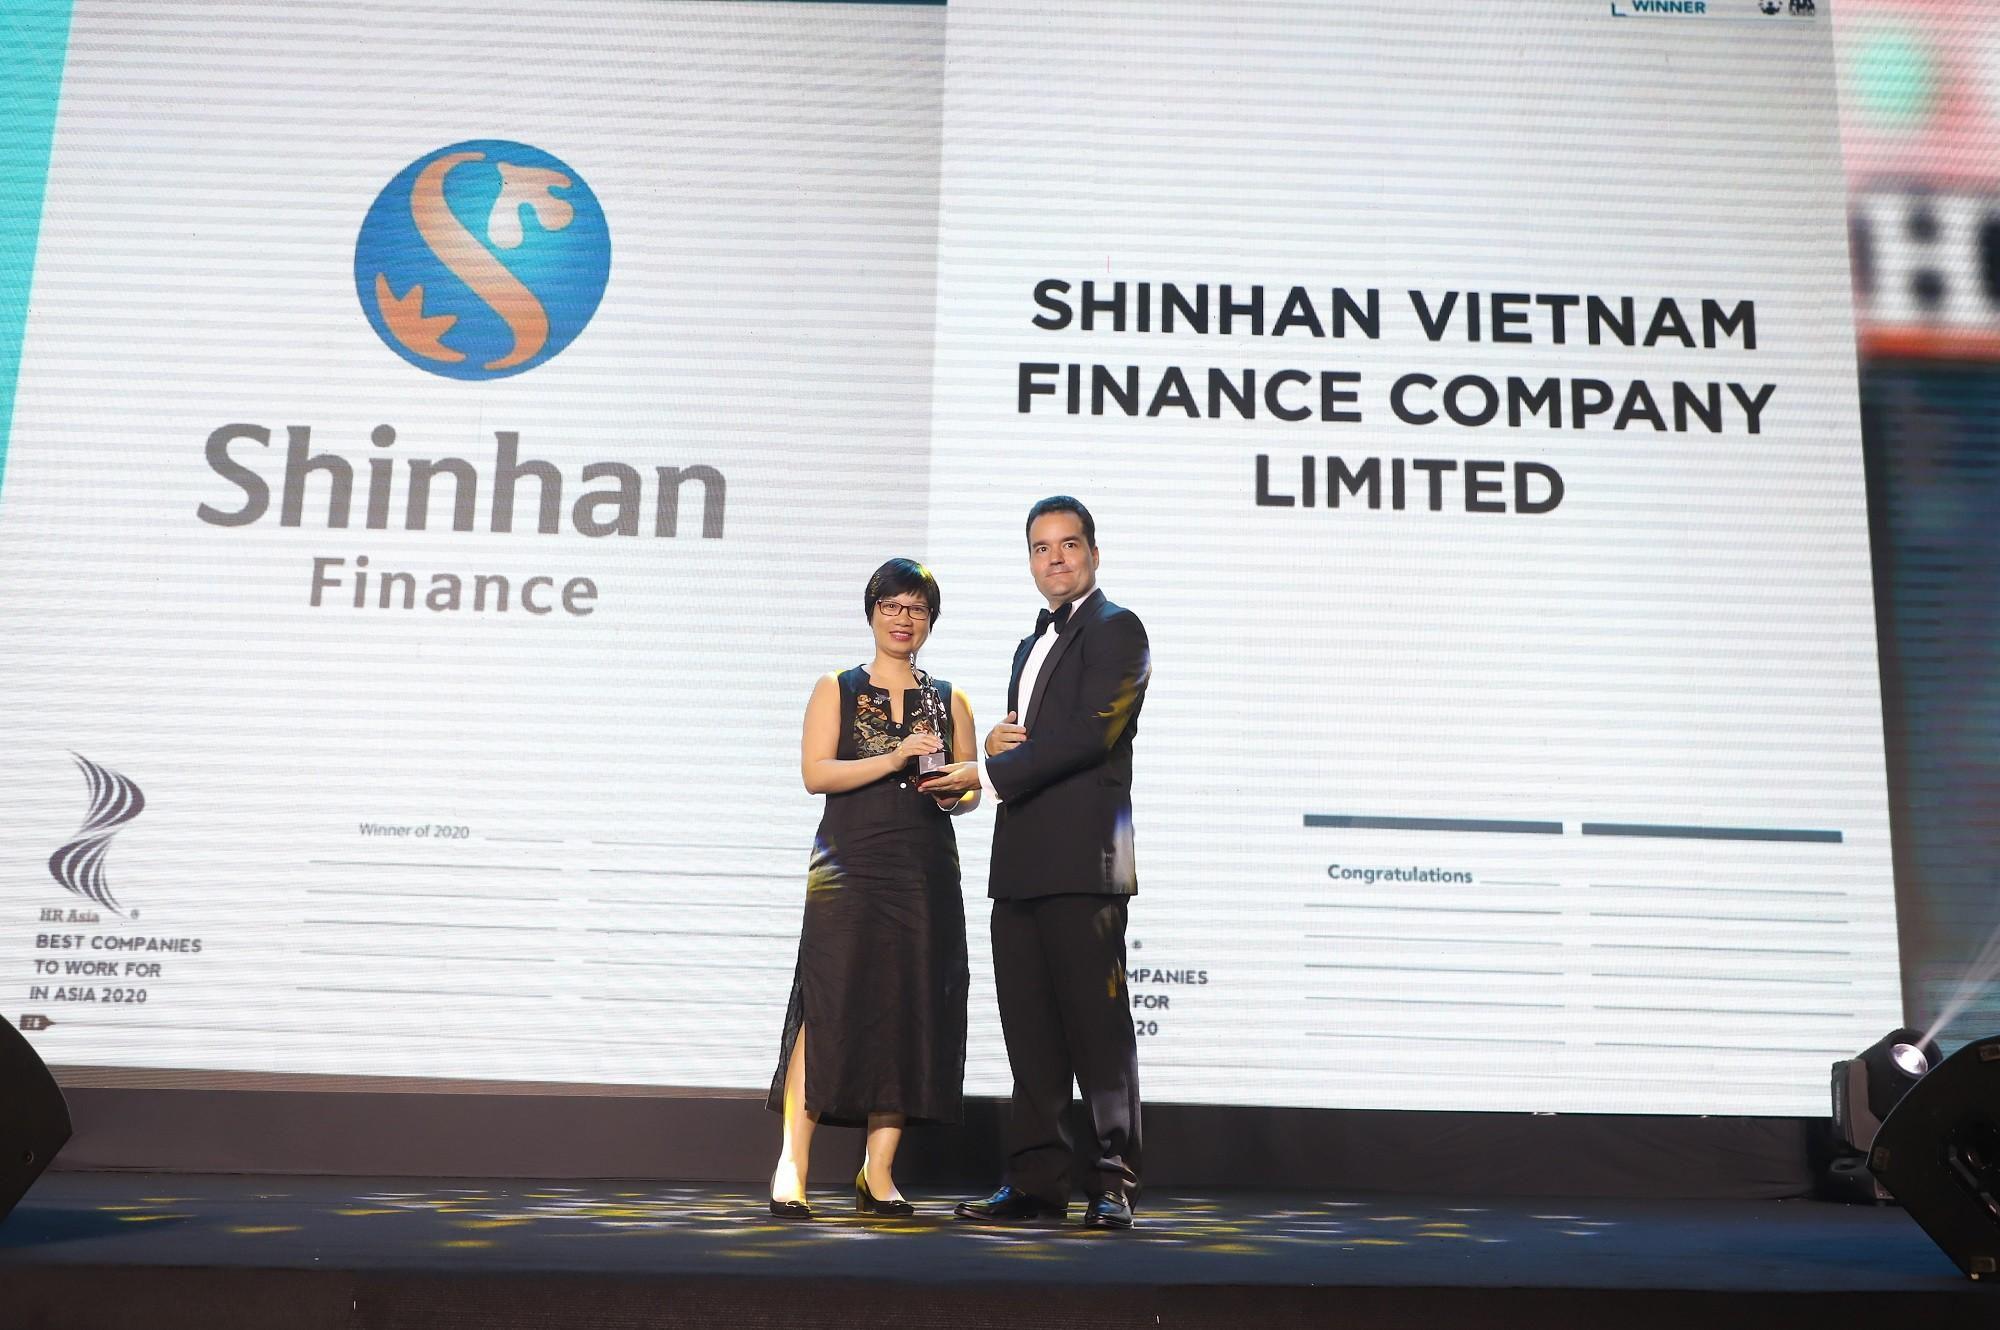 Shinhan Finance là một trong những nơi làm việc tốt nhất châu Á năm 2020 Ảnh 1